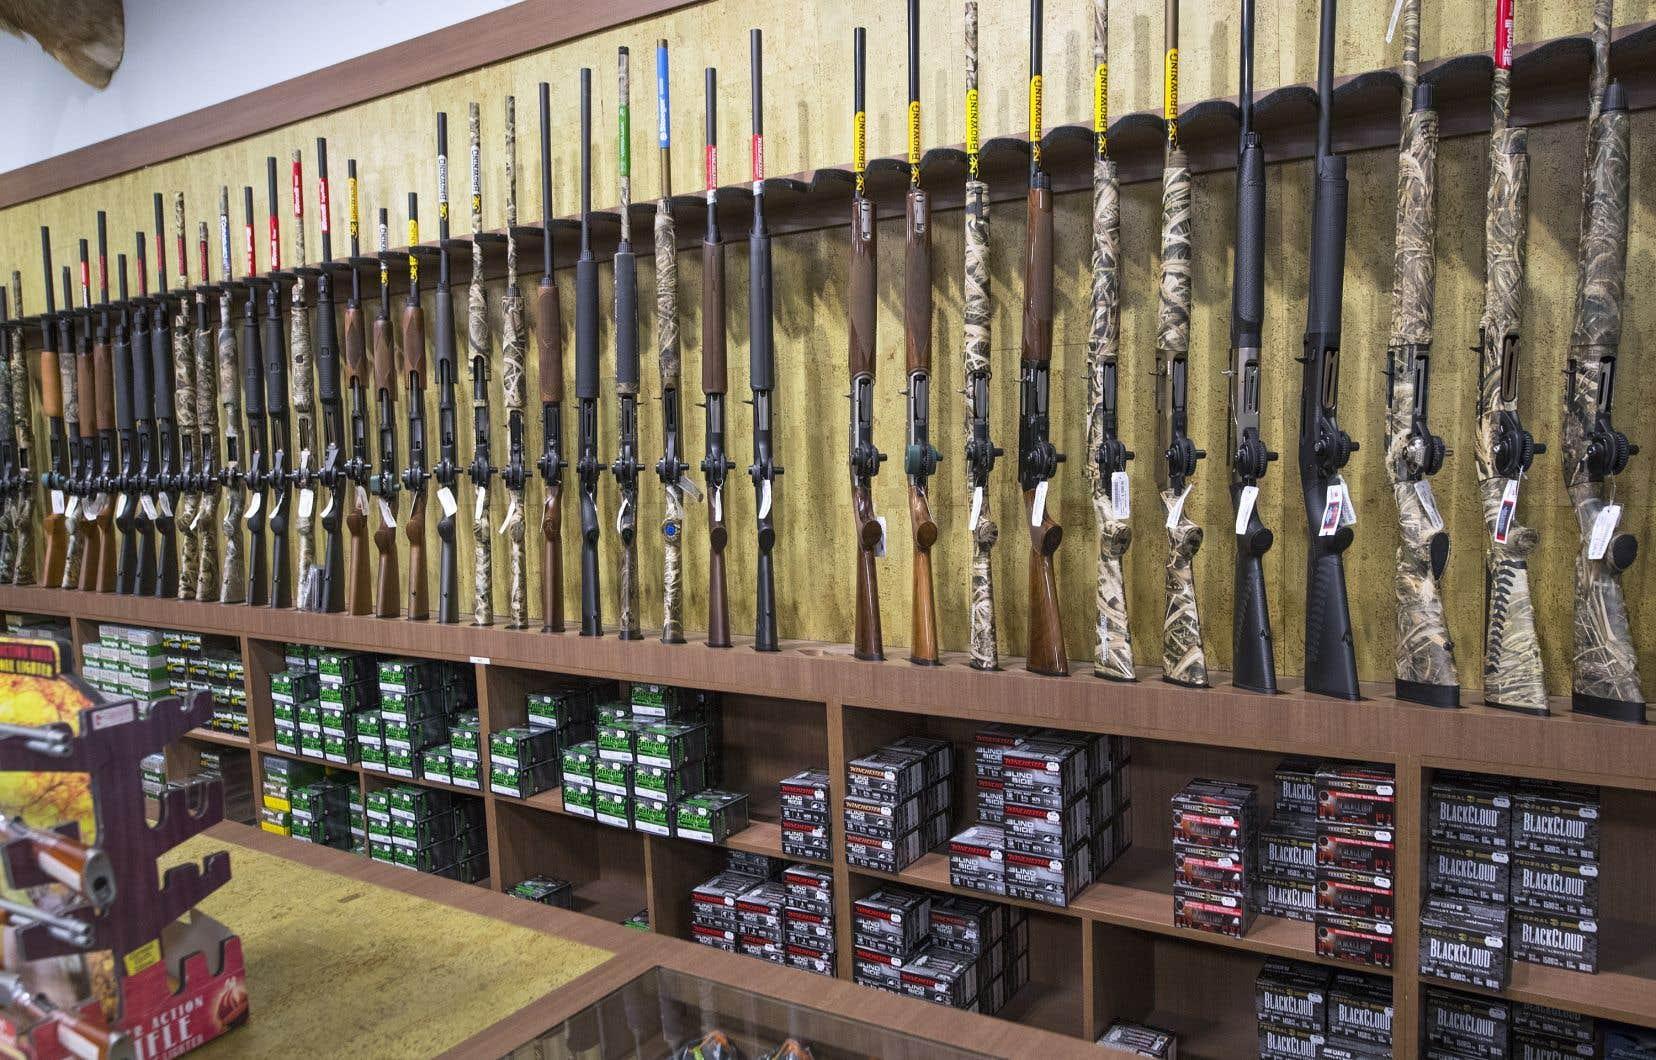 Plus de septmillions d'armes sont en circulation au Canada. Pour acquérir des munitions ou une arme, il faut au préalable posséder un permis d'armes à feu en règle.